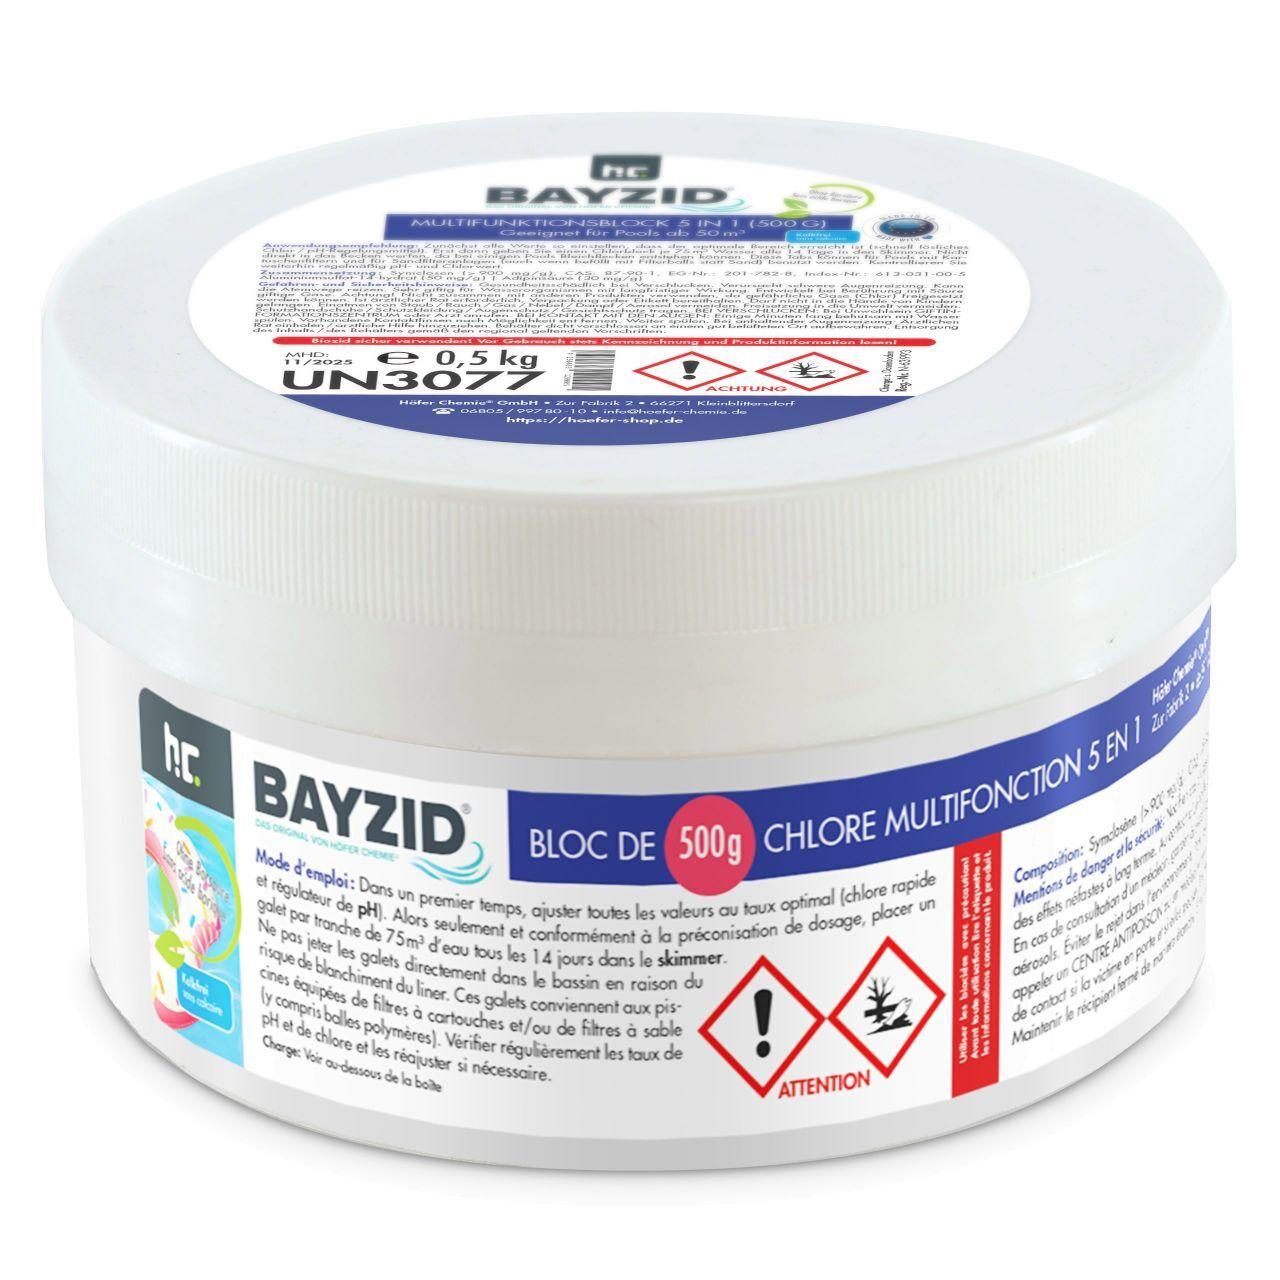 BAYZID 9 kg Bayzid® Chlore multifonction, bloc de 500g (18 x 0.5 kg)